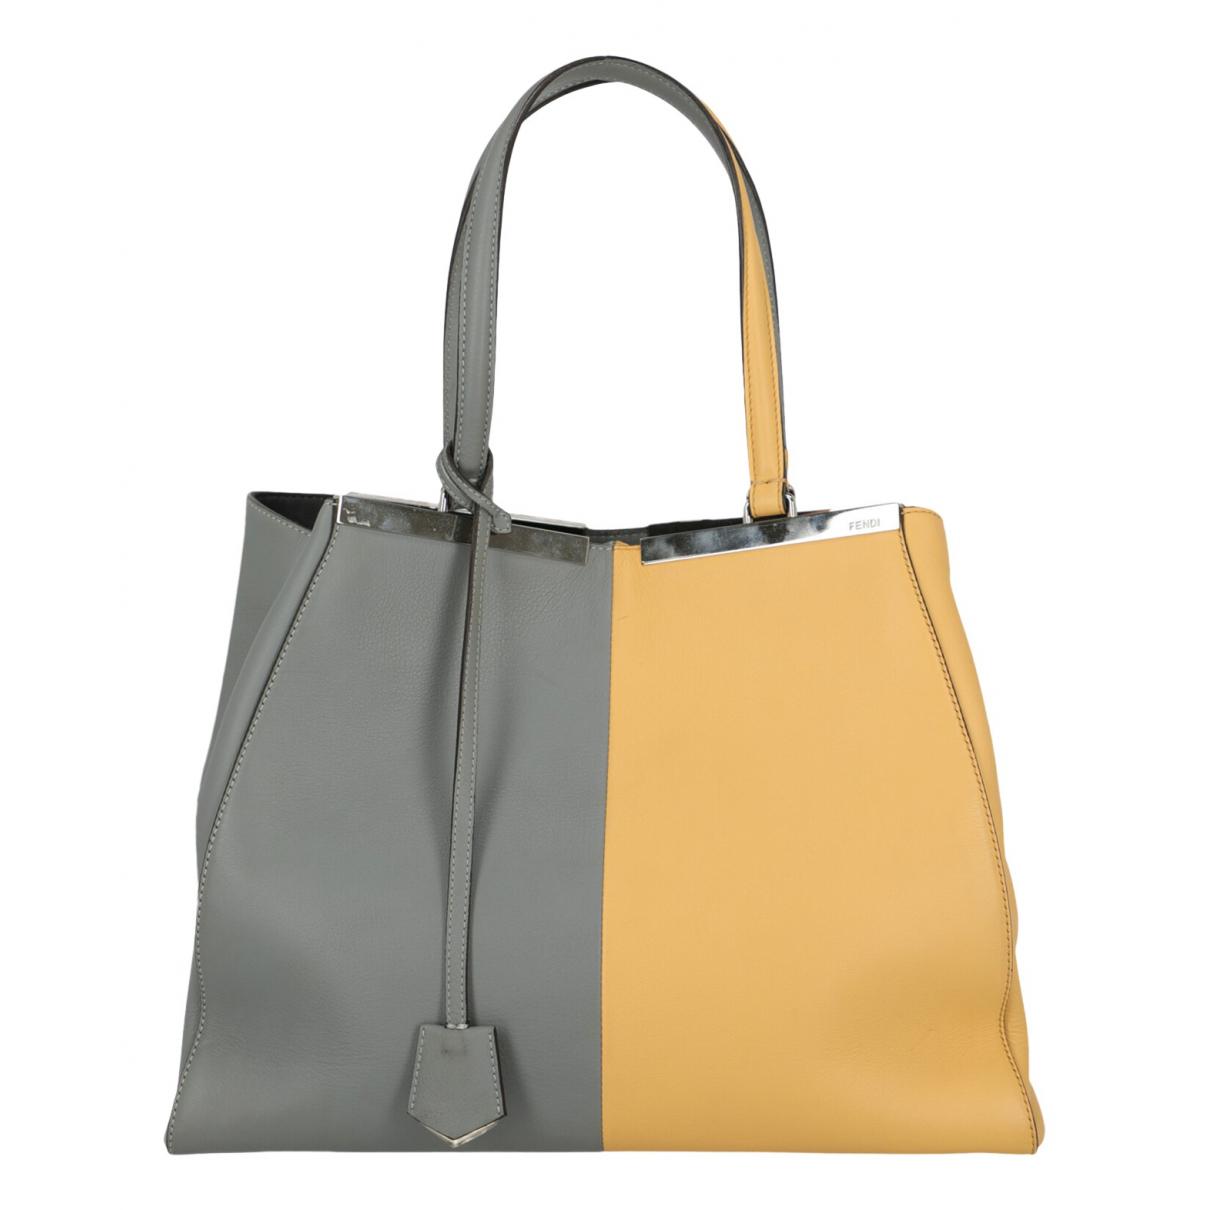 Fendi - Sac a main 3Jours pour femme en cuir - multicolore